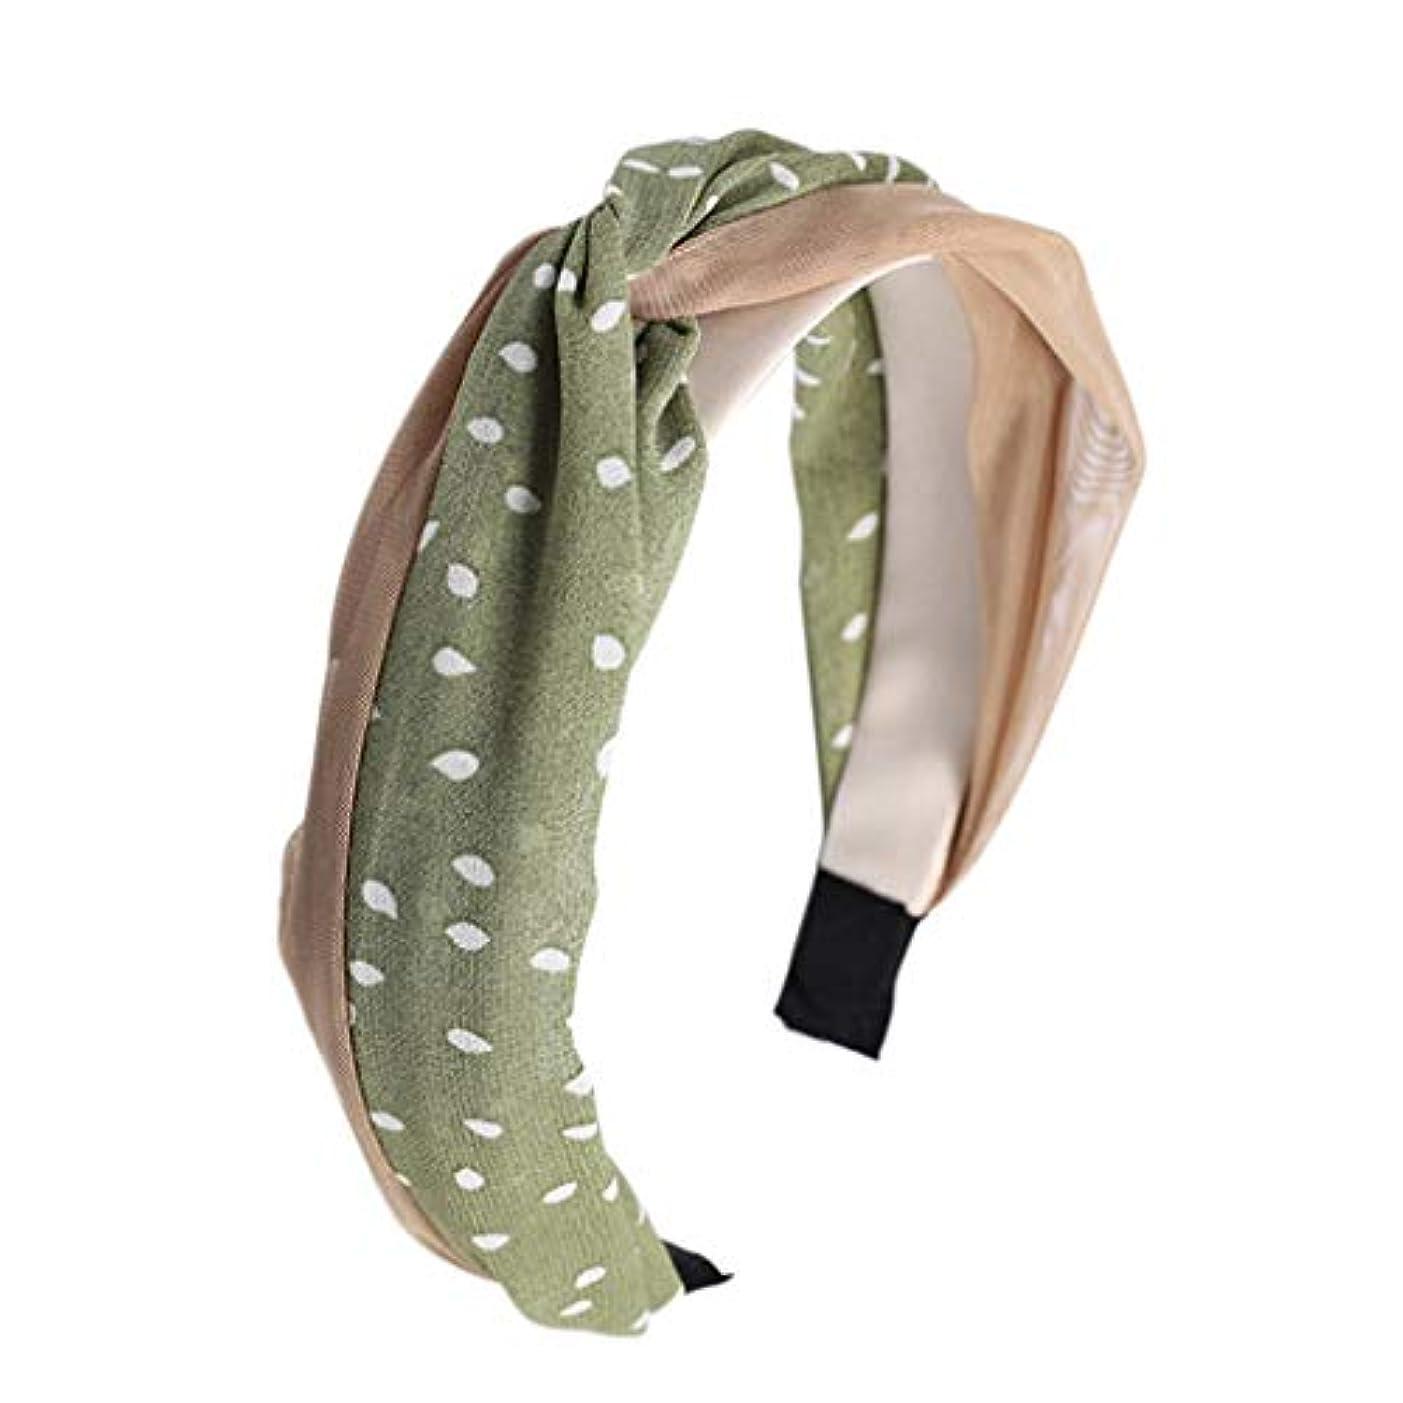 抵抗するアデレード水族館Manyao 韓国風の新鮮な女性のメッシュポルカドットヘッドバンドヴィンテージツイスト結び目ワイヤーヘアフープ (緑)